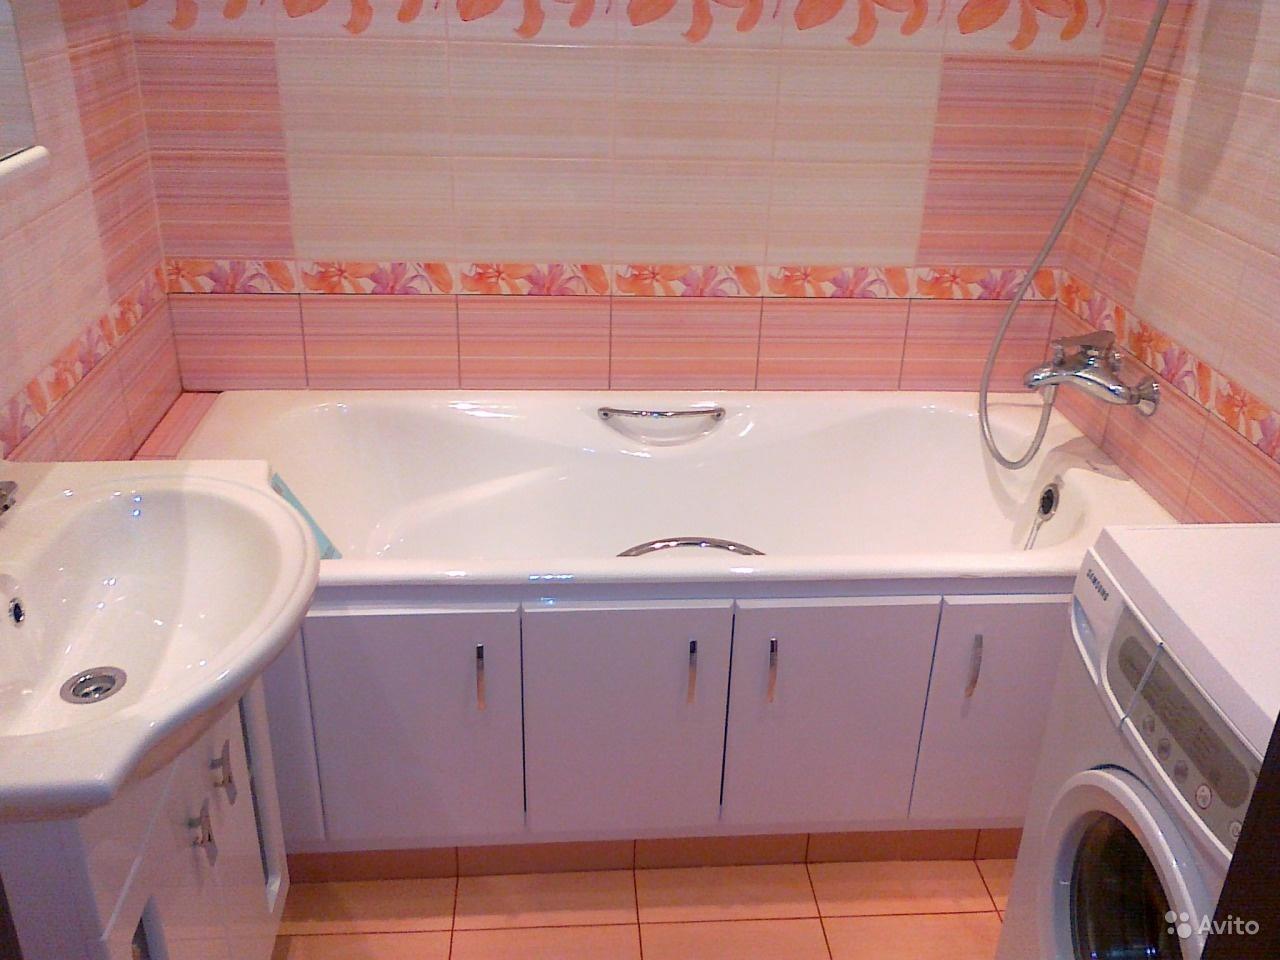 Ремонт в ванной комнате своими руками фото варианты